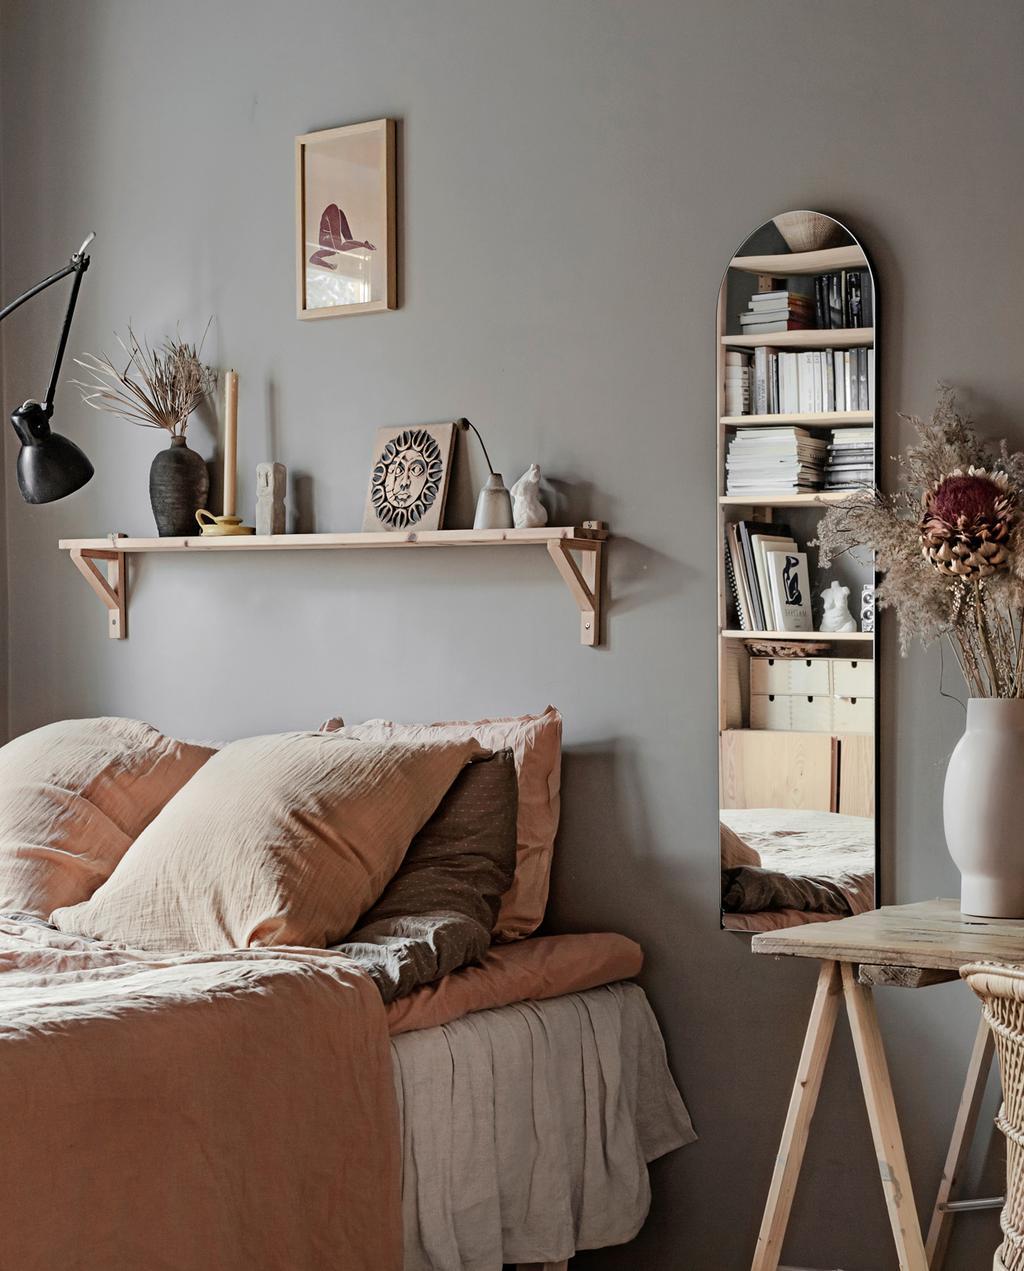 vtwonen 05-2021 | slaapkamer met opgemaakt bed in Scandinavisch appartement